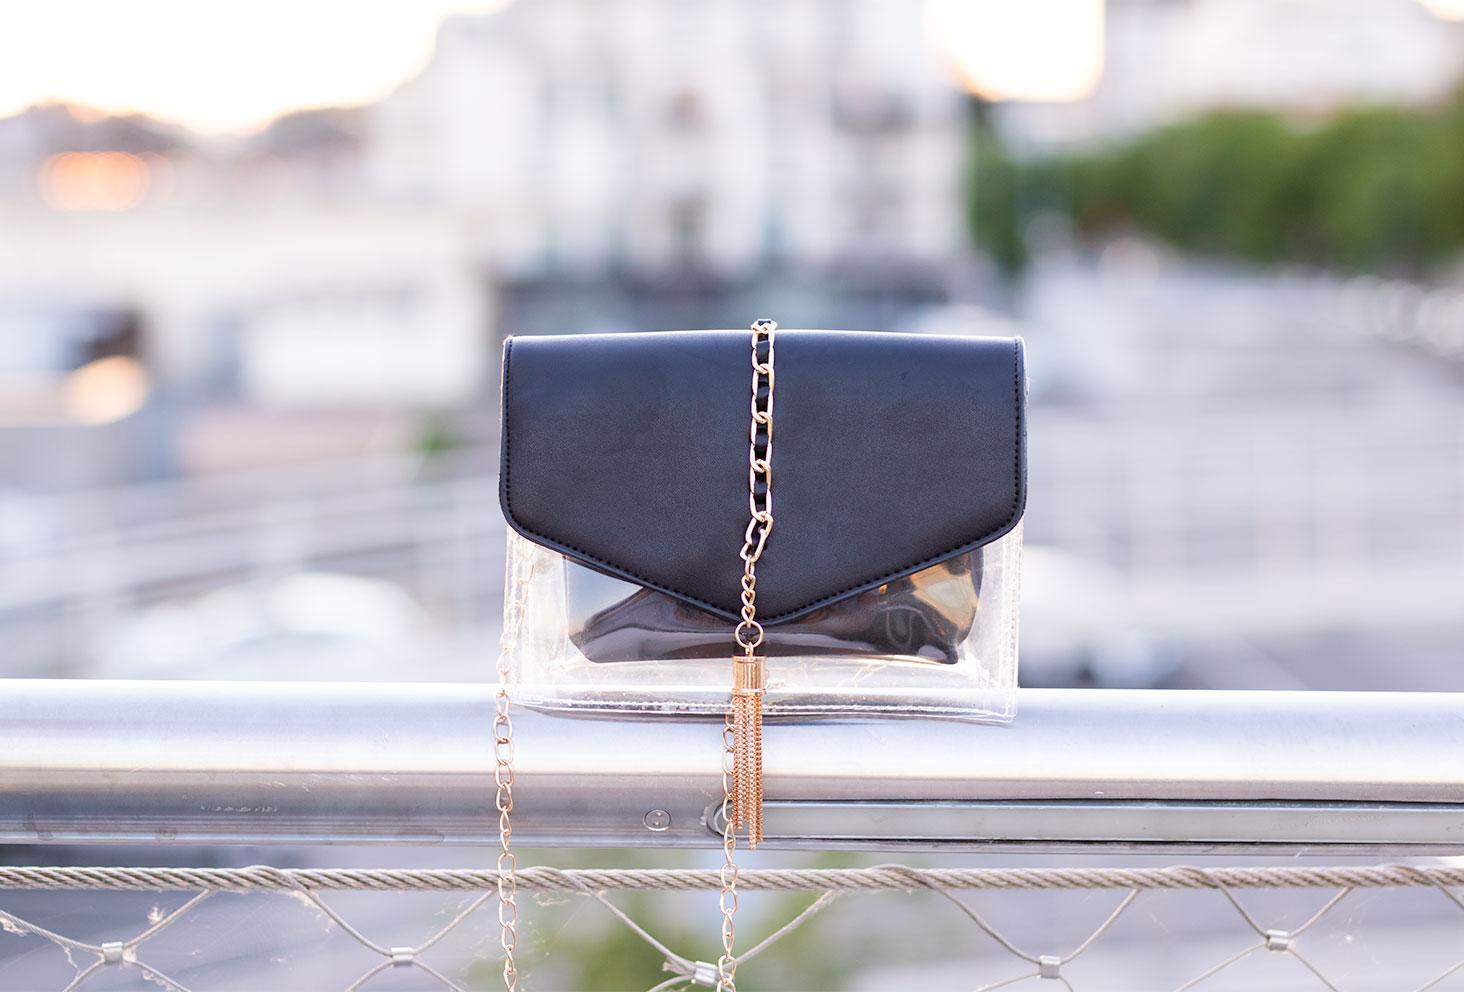 Zoom sur la pochette transparente, noire et doré de Shein posé sur la rambarde en métal d'une passerelle style street